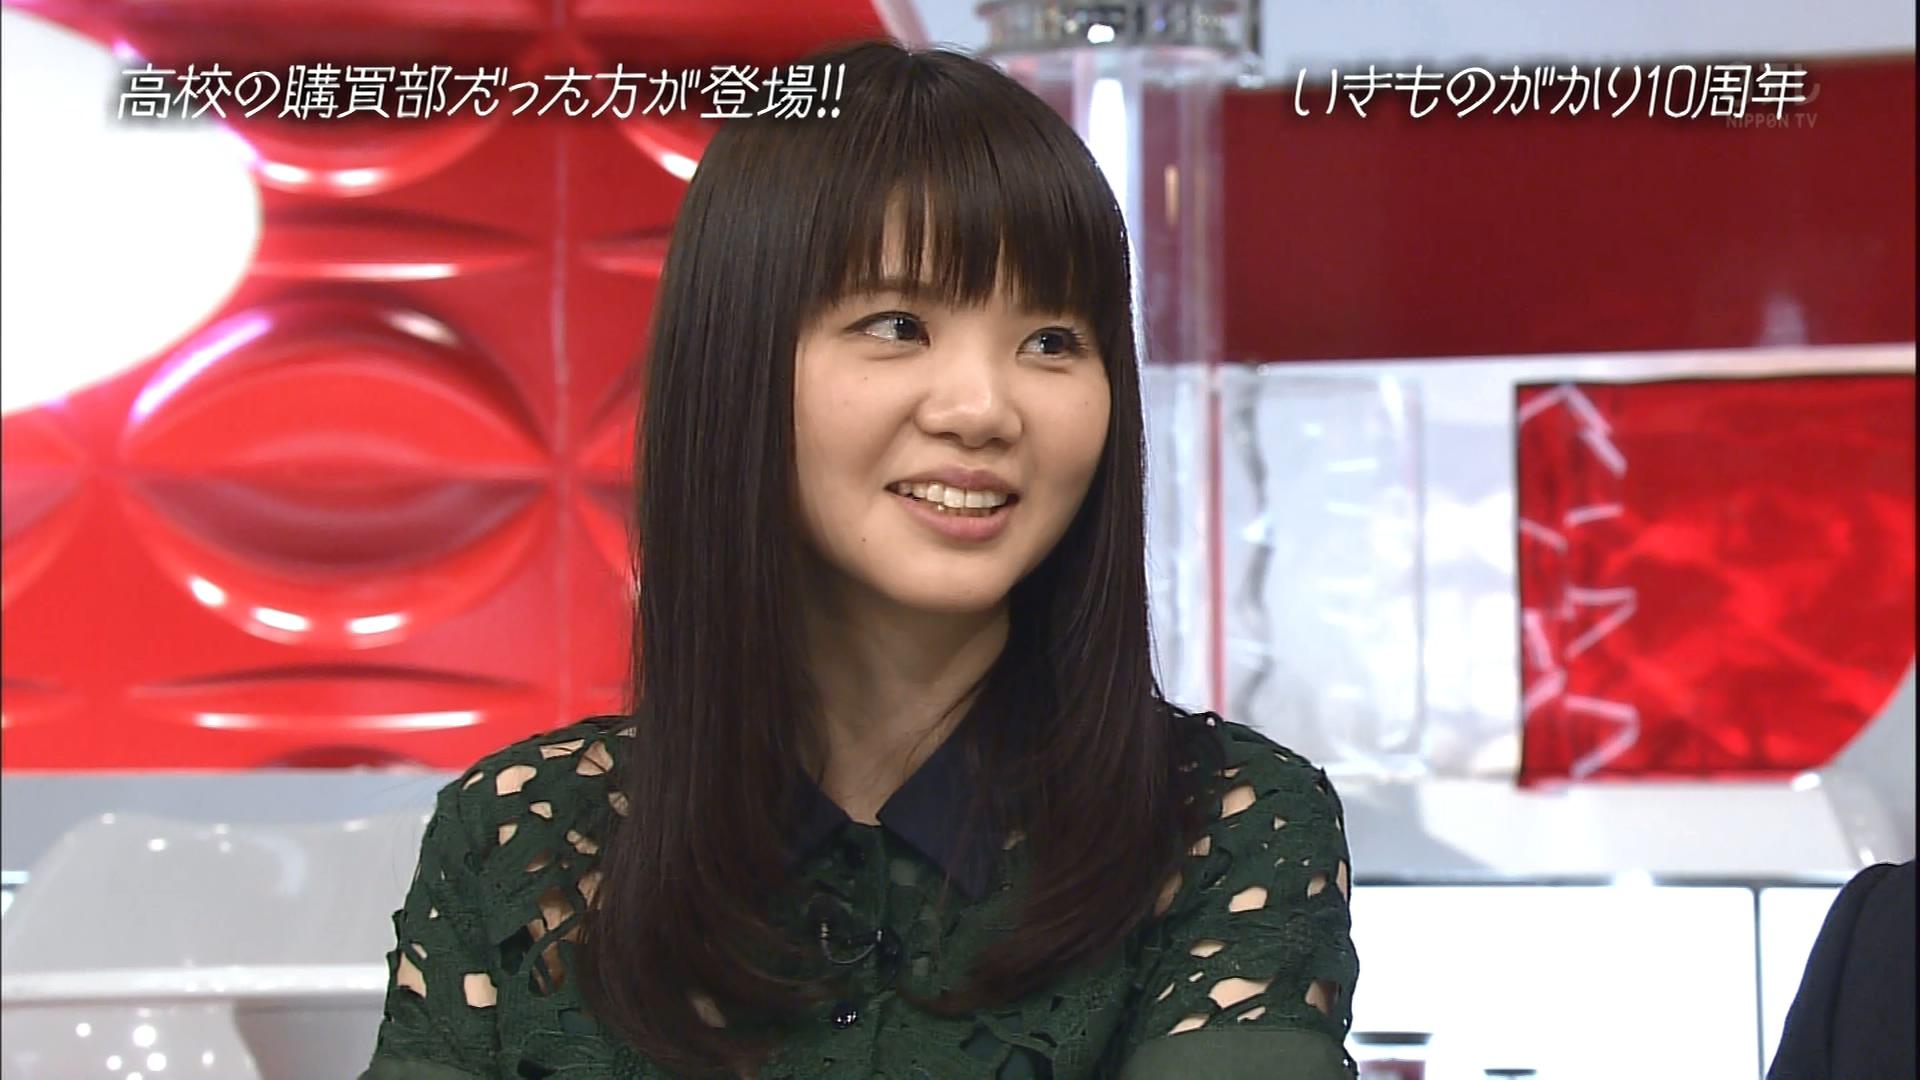 2016.03.13 全場(おしゃれイズム).ts_20160314_004037.432